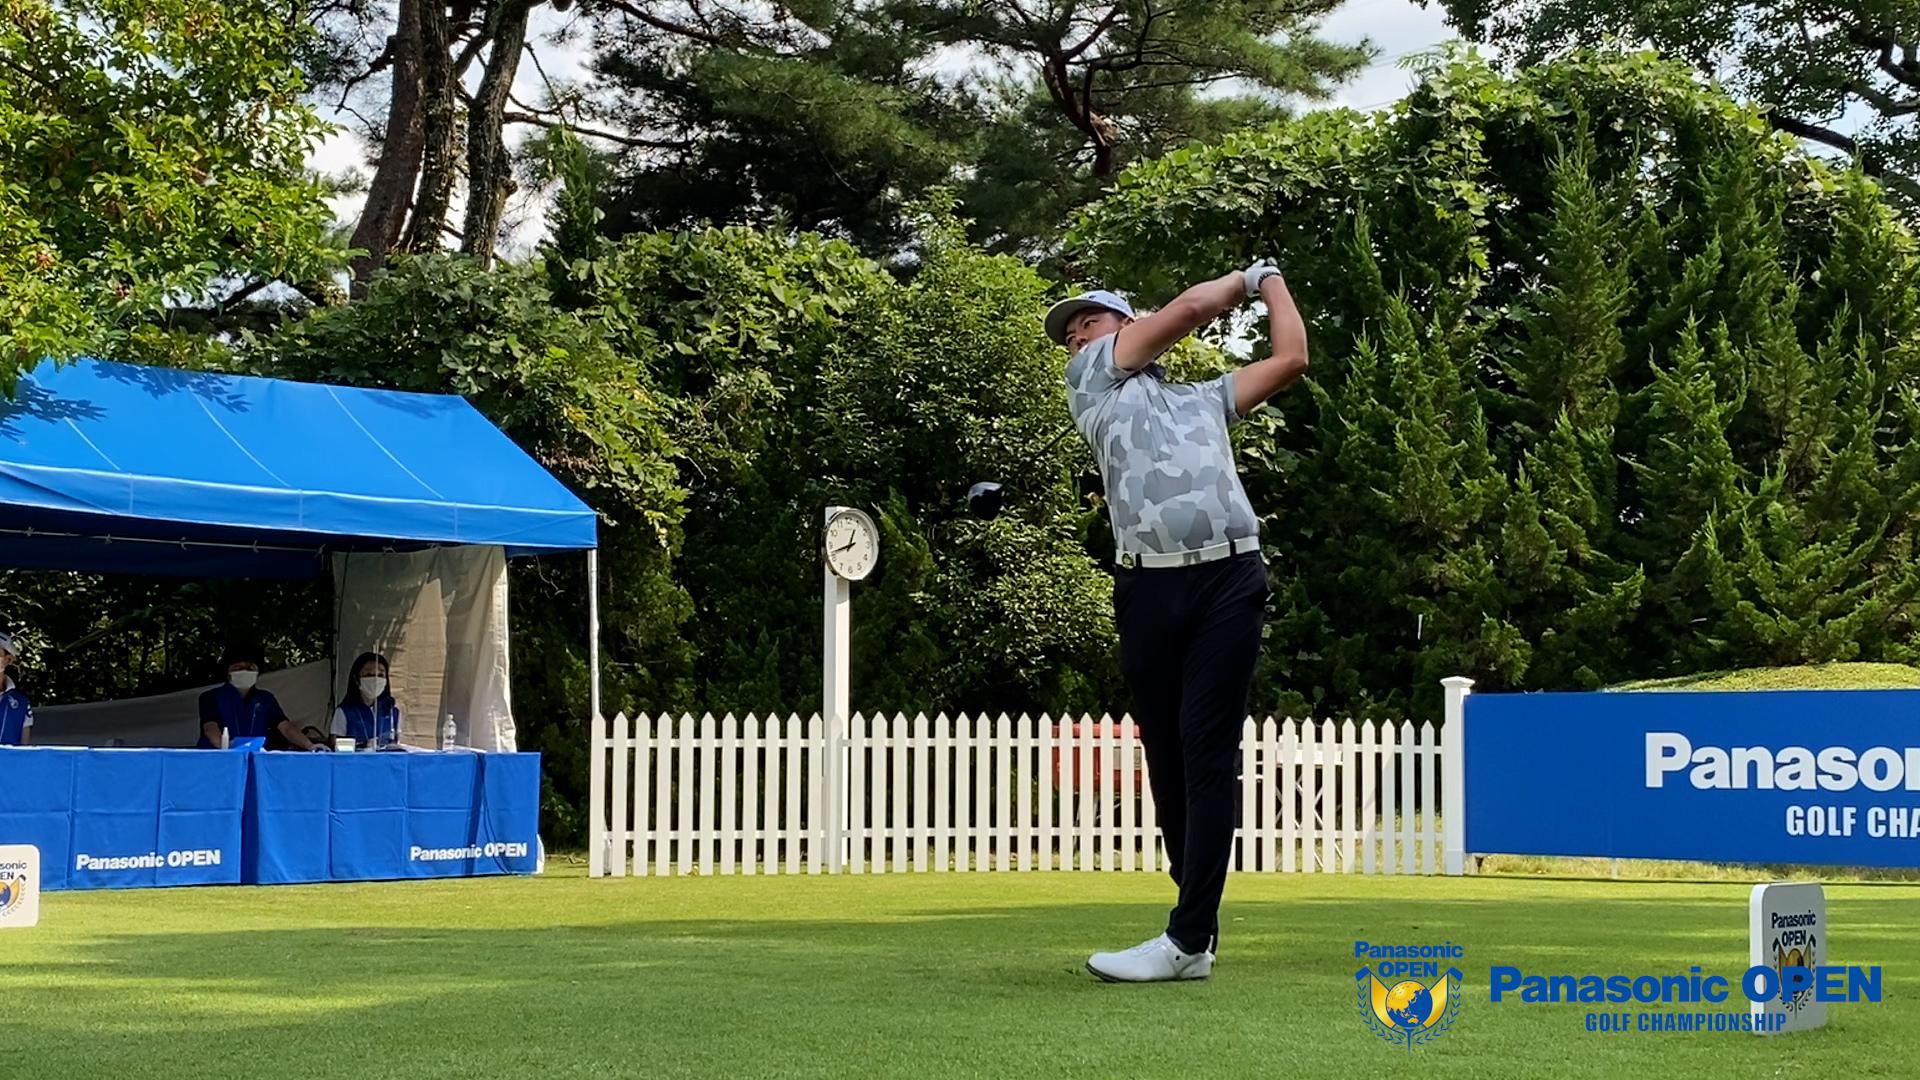 【男子ゴルフ】 C・キム、星野陸也、幡地隆寛のスタートホールティショット!パナソニックオープン ゴルフチャンピオンシップ 1st Round